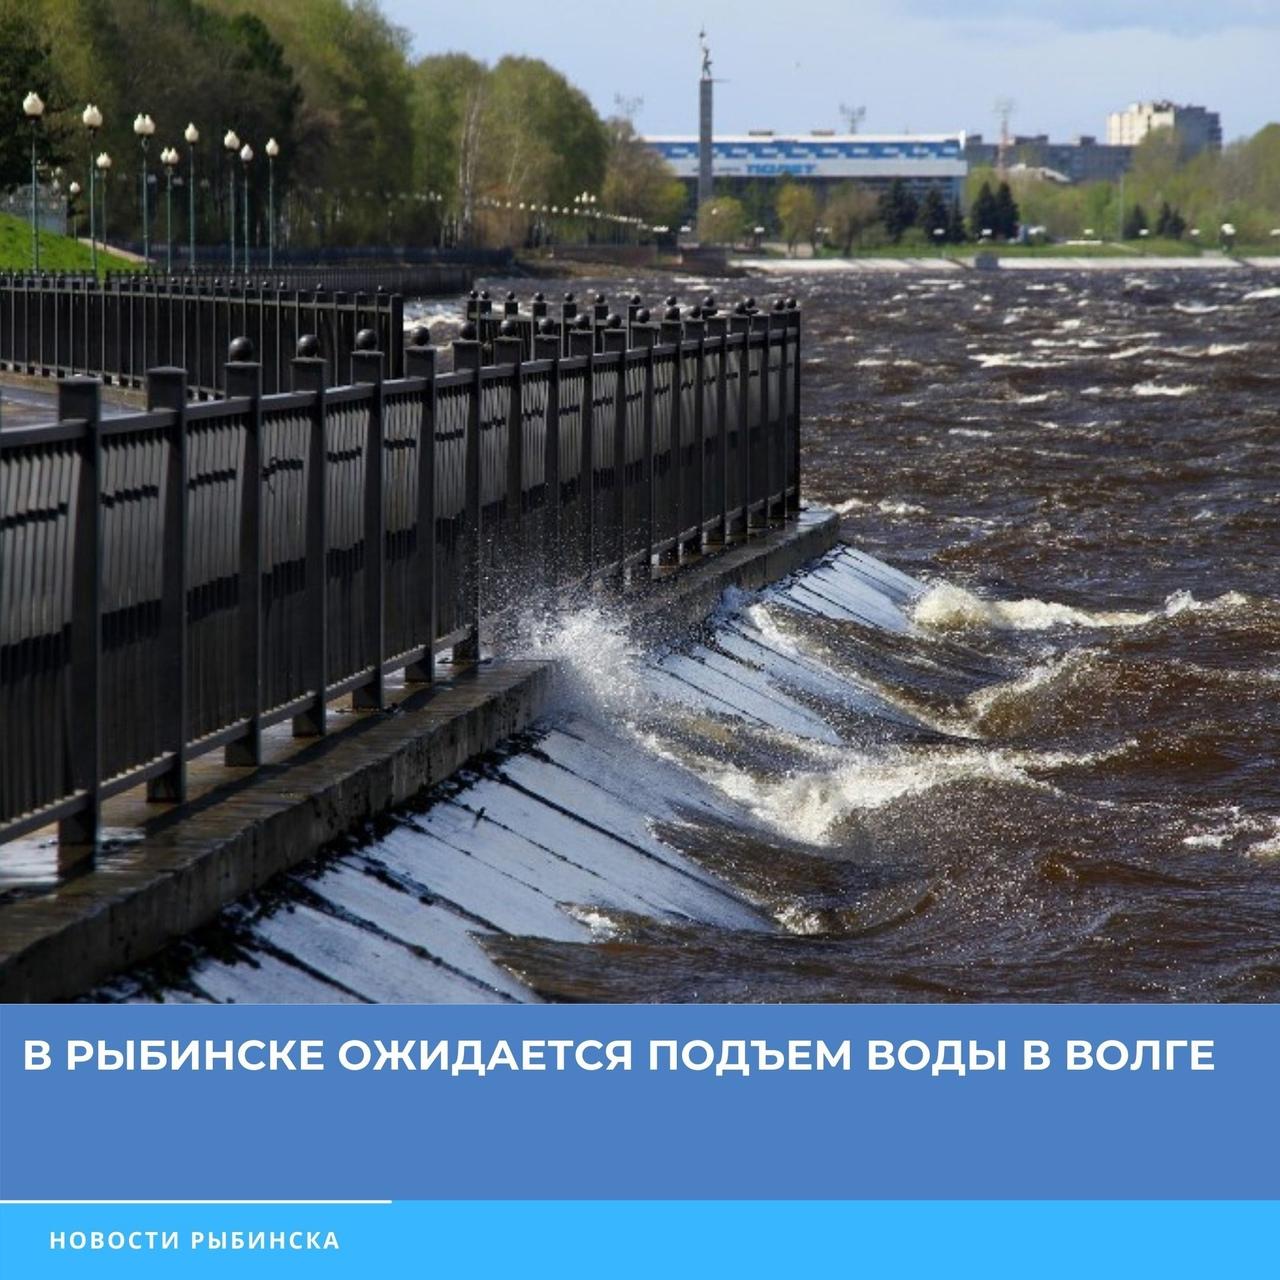 Администрация Рыбинска предупредила о возможном подтоплении набережной